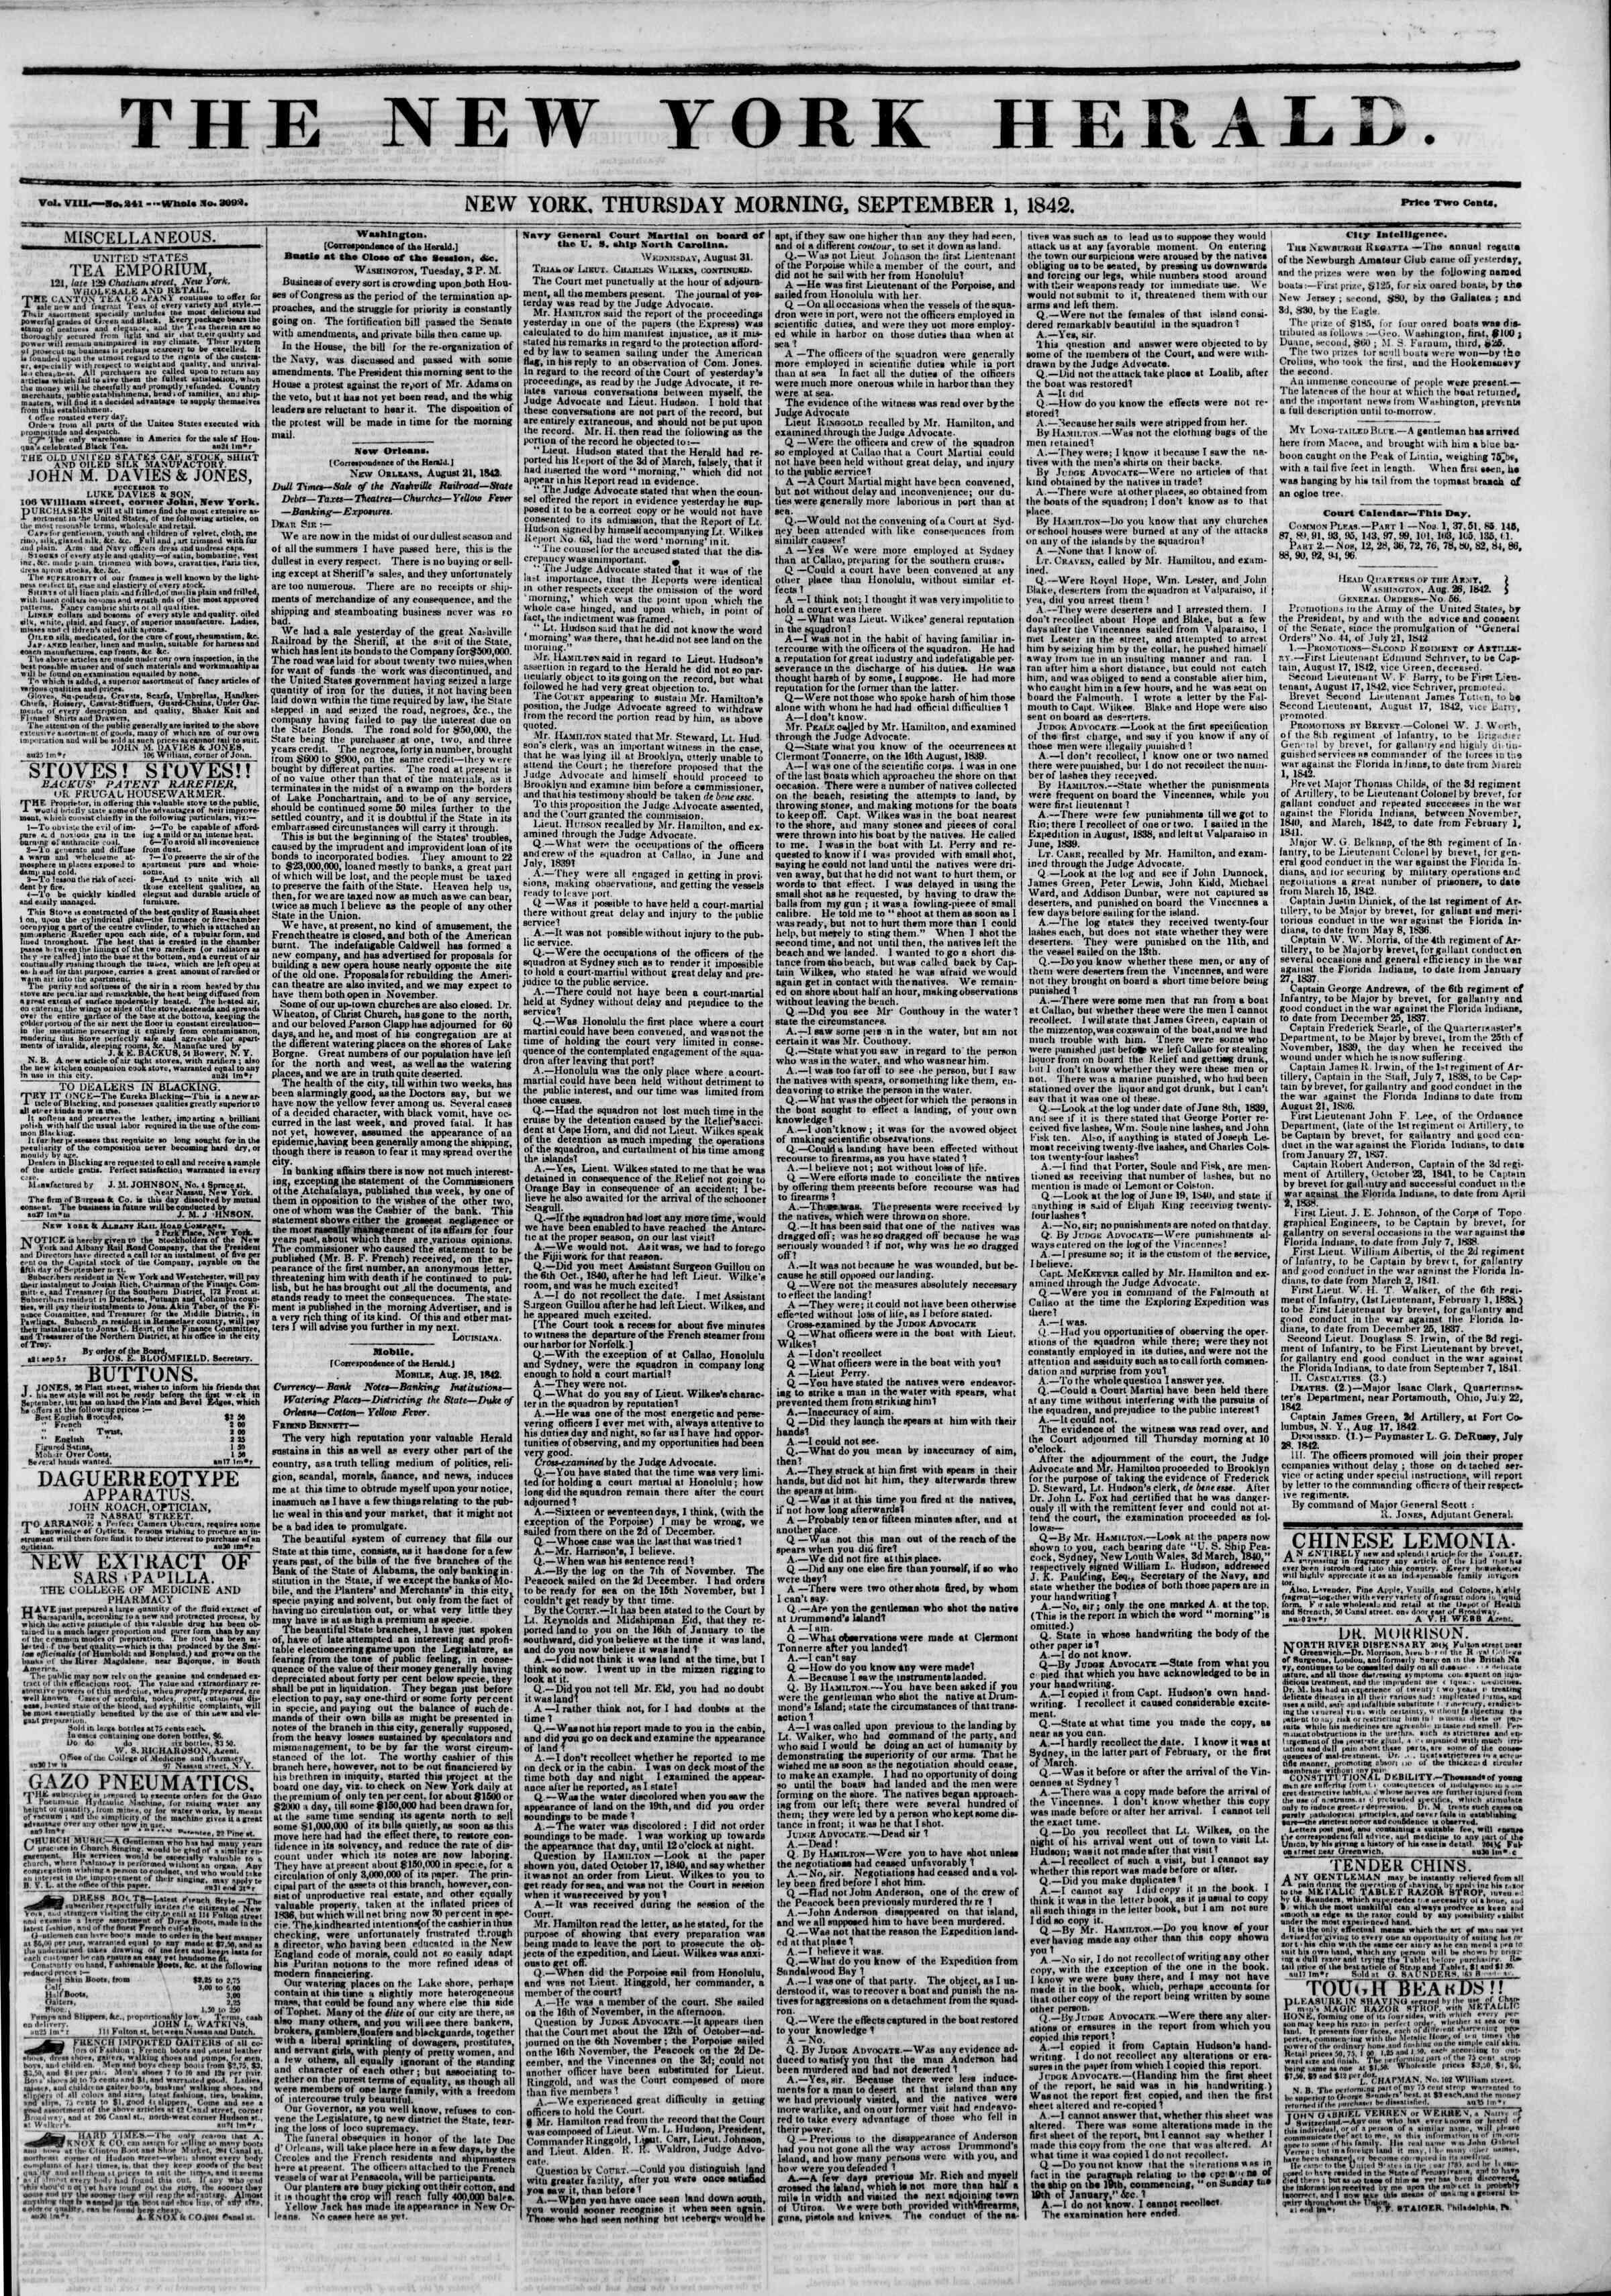 September 1, 1842 Tarihli The New York Herald Gazetesi Sayfa 1